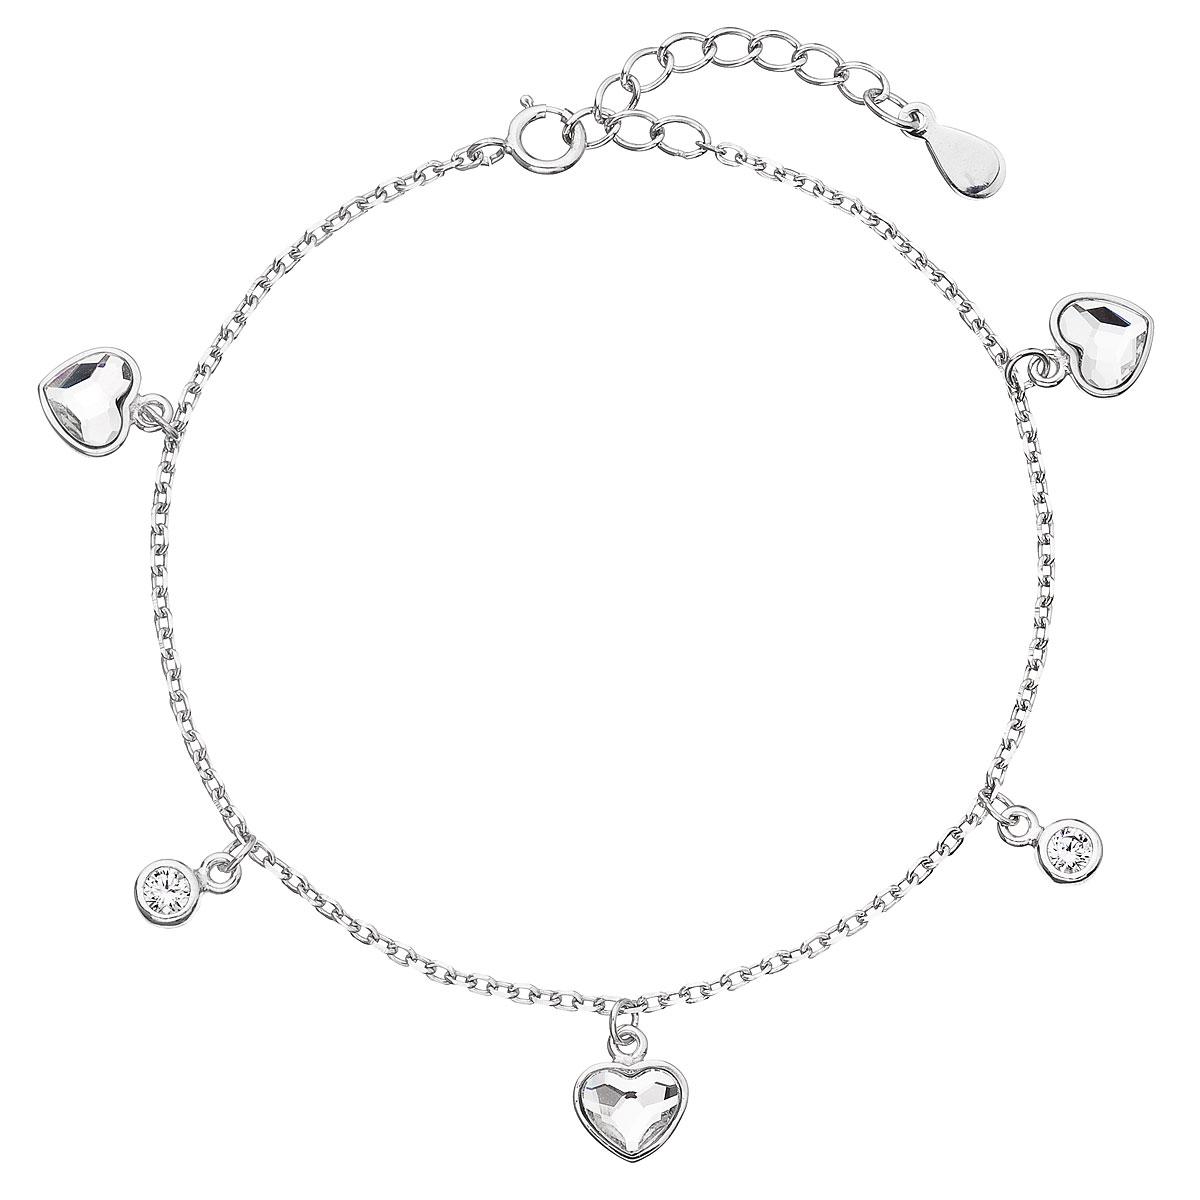 Strieborný náramok so Swarovski krištáľmi biele srdce 33114.1